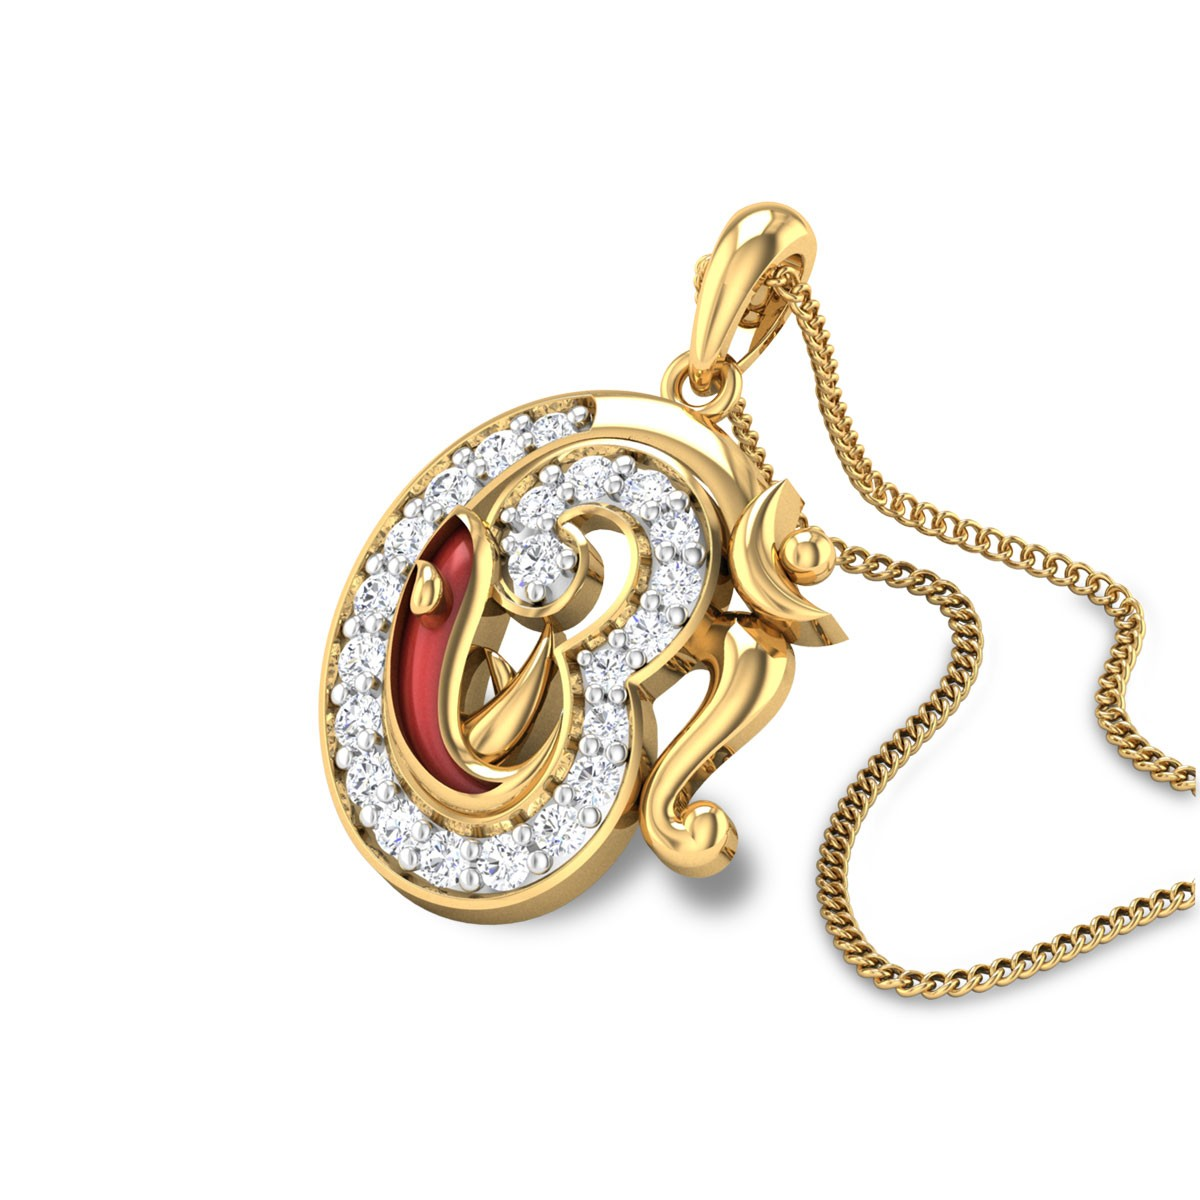 Varadavinayaka Diamond Pendant